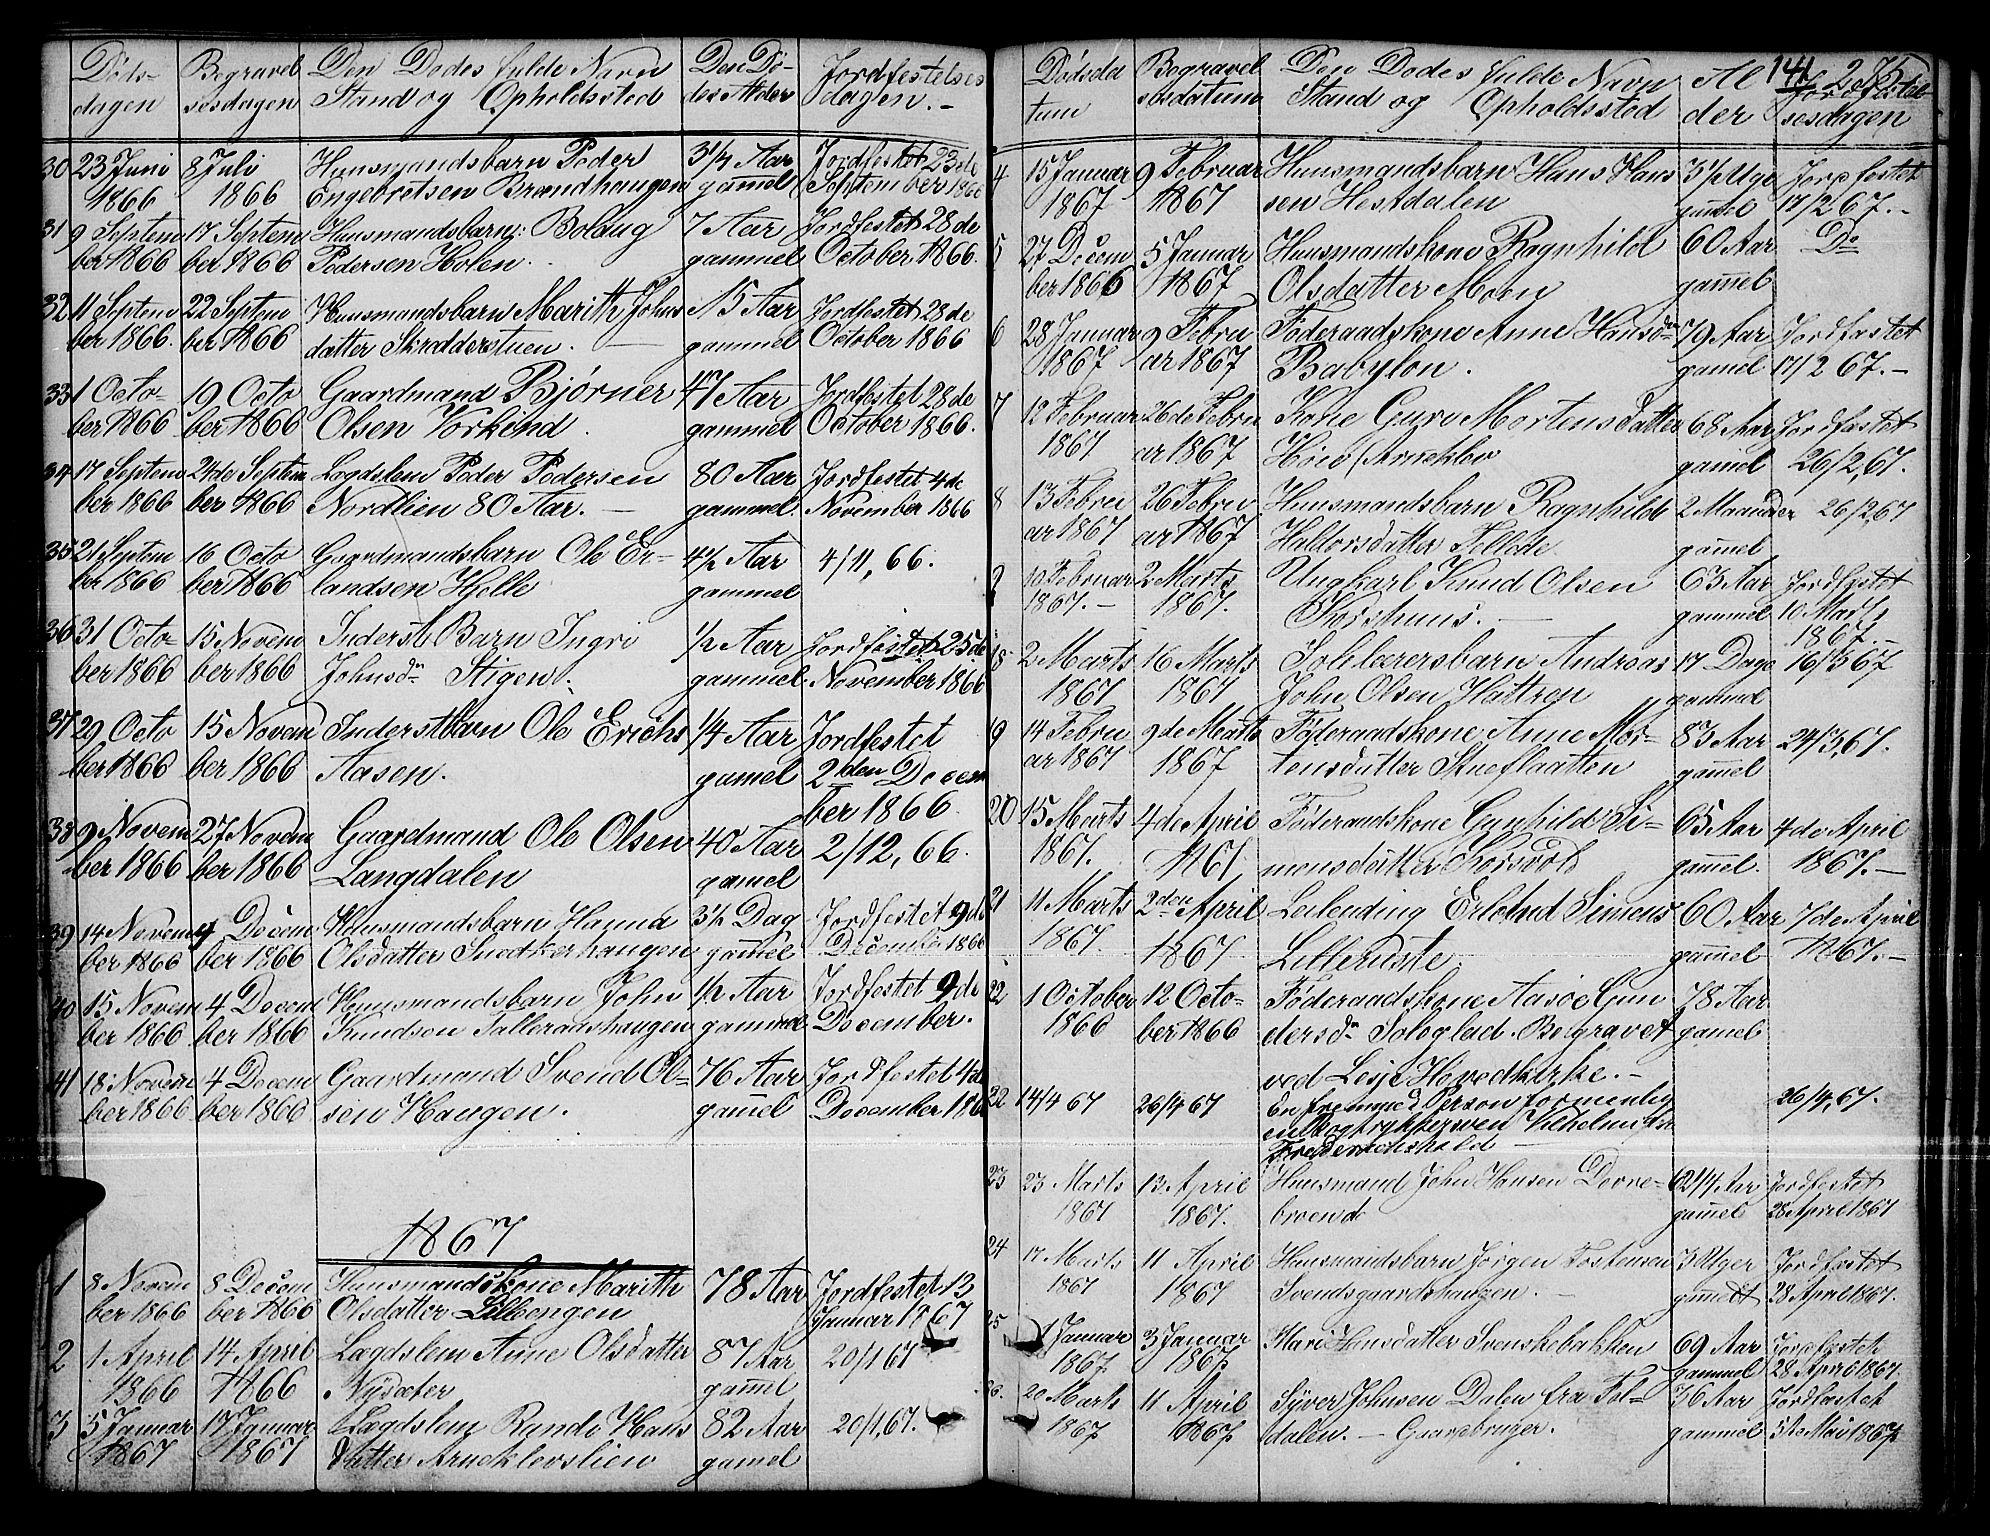 SAH, Dovre prestekontor, Klokkerbok nr. 1, 1862-1880, s. 275